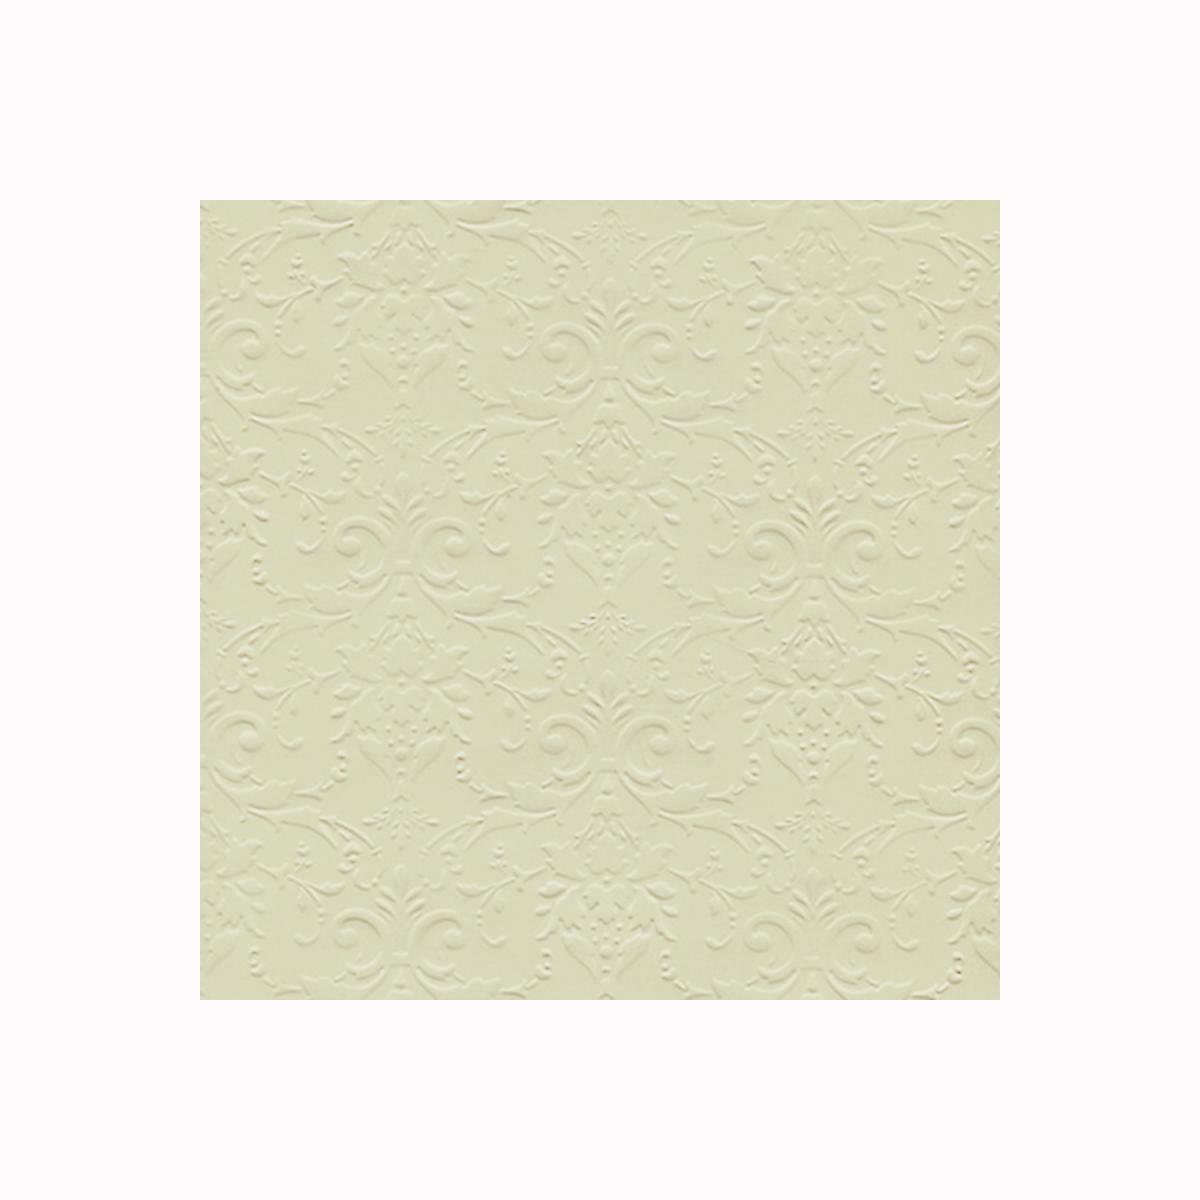 Бумага фактурная Лоза Дамасский узор, цвет: светло-зеленый, 3 листа97775318Фактурная бумага для скрапбукинга Лоза Дамасский узор позволит создать красивый альбом, фоторамку или открытку ручной работы, оформить подарок или аппликацию. Набор включает в себя 3 листа из плотной бумаги. Скрапбукинг - это хобби, которое способно приносить массу приятных эмоций не только человеку, который этим занимается, но и его близким, друзьям, родным. Это невероятно увлекательное занятие, которое поможет вам сохранить наиболее памятные и яркие моменты вашей жизни, а также интересно оформить интерьер дома.